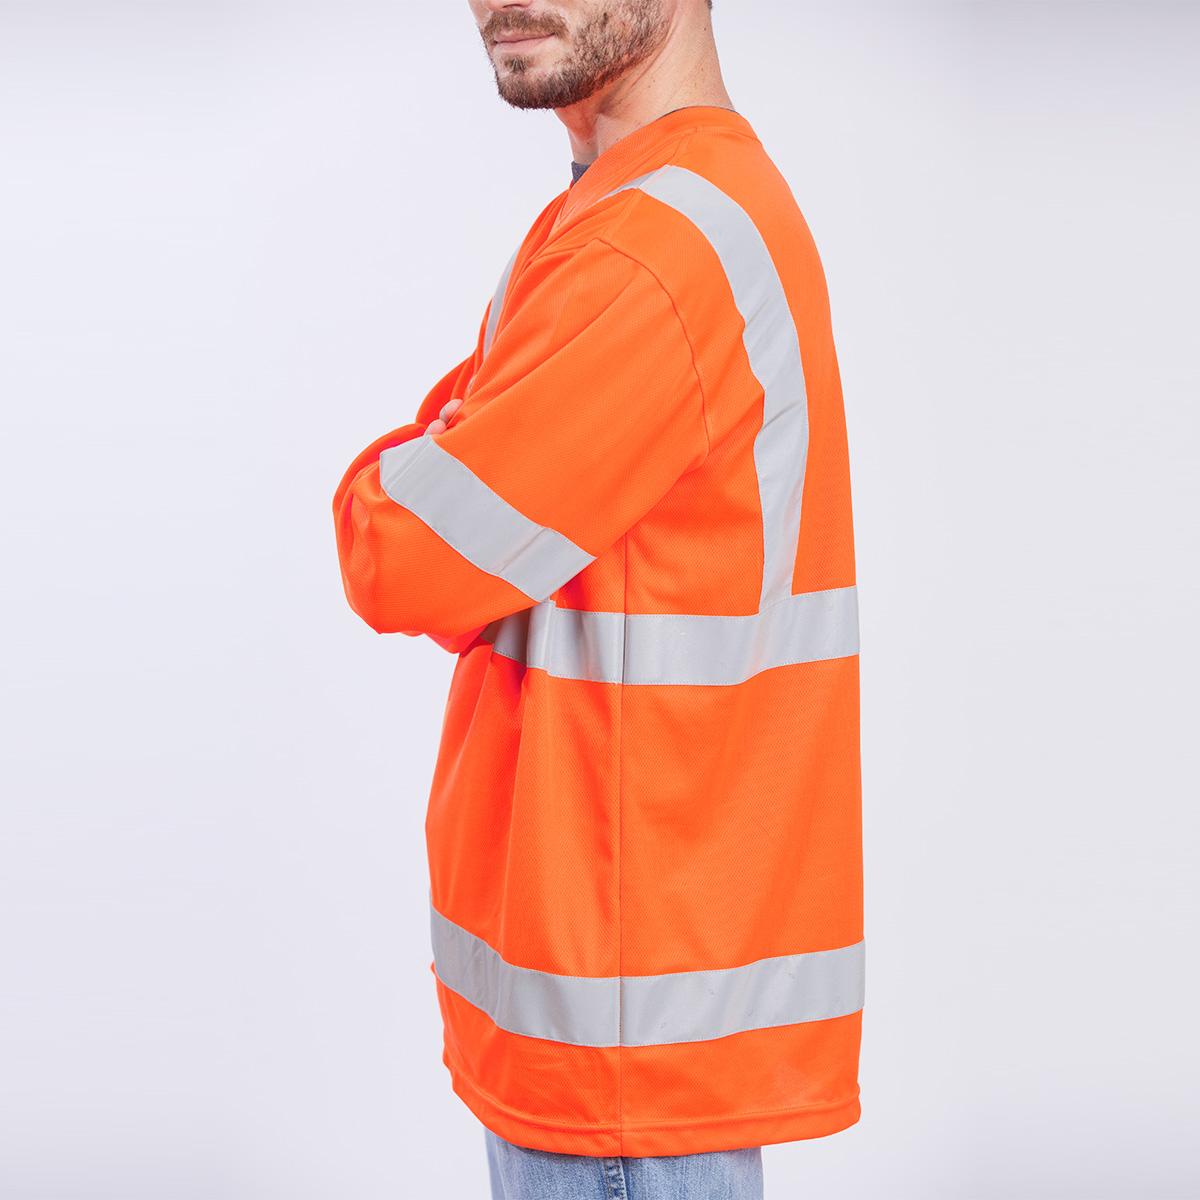 Edgar James Apparel Safety Class Iii Shirt Long Sleeve